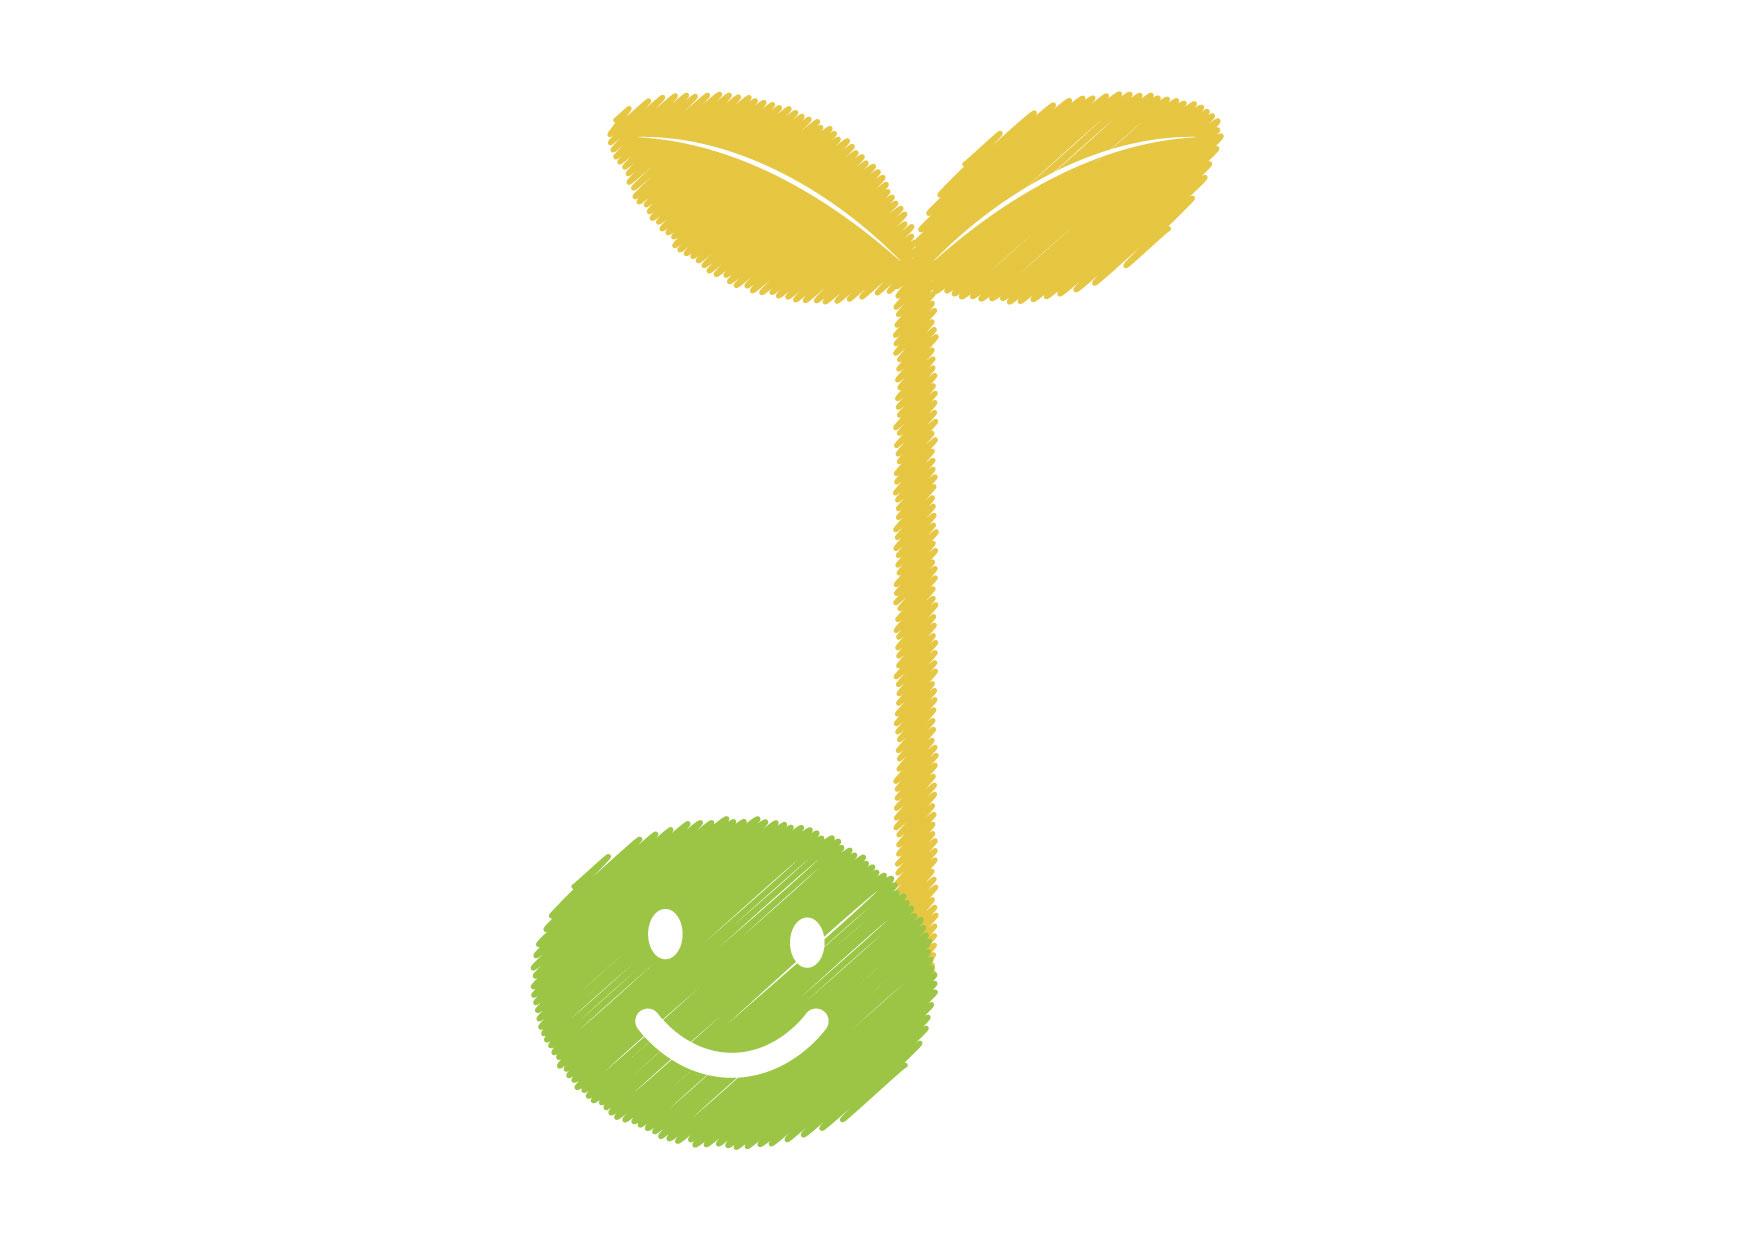 可愛いイラスト無料|音符 若葉 黄色 − free illustration Musical note germination yellow